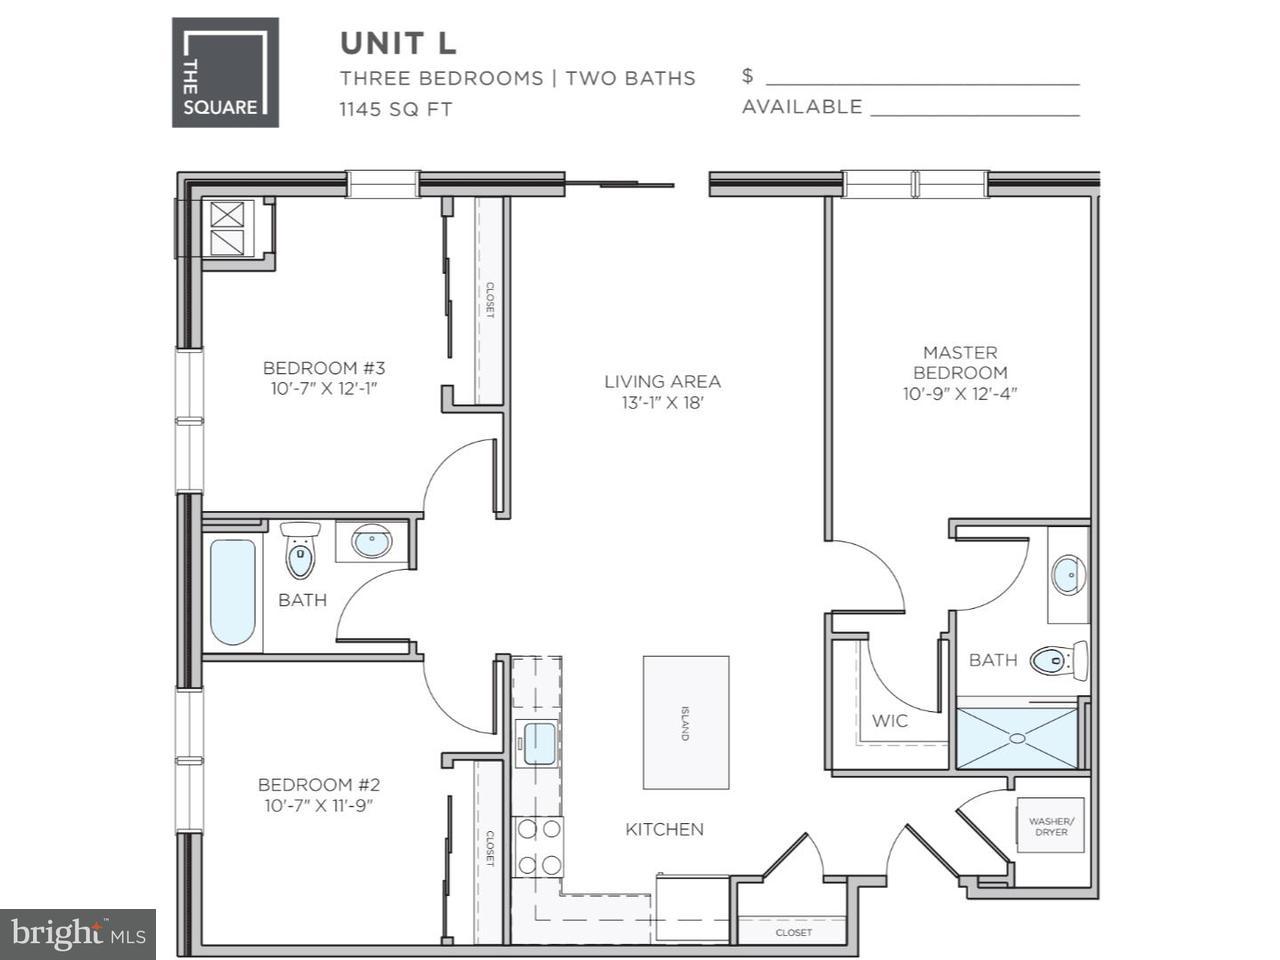 Casa Unifamiliar por un Alquiler en 110 SIBLEY AVE #411 Ardmore, Pennsylvania 19003 Estados Unidos